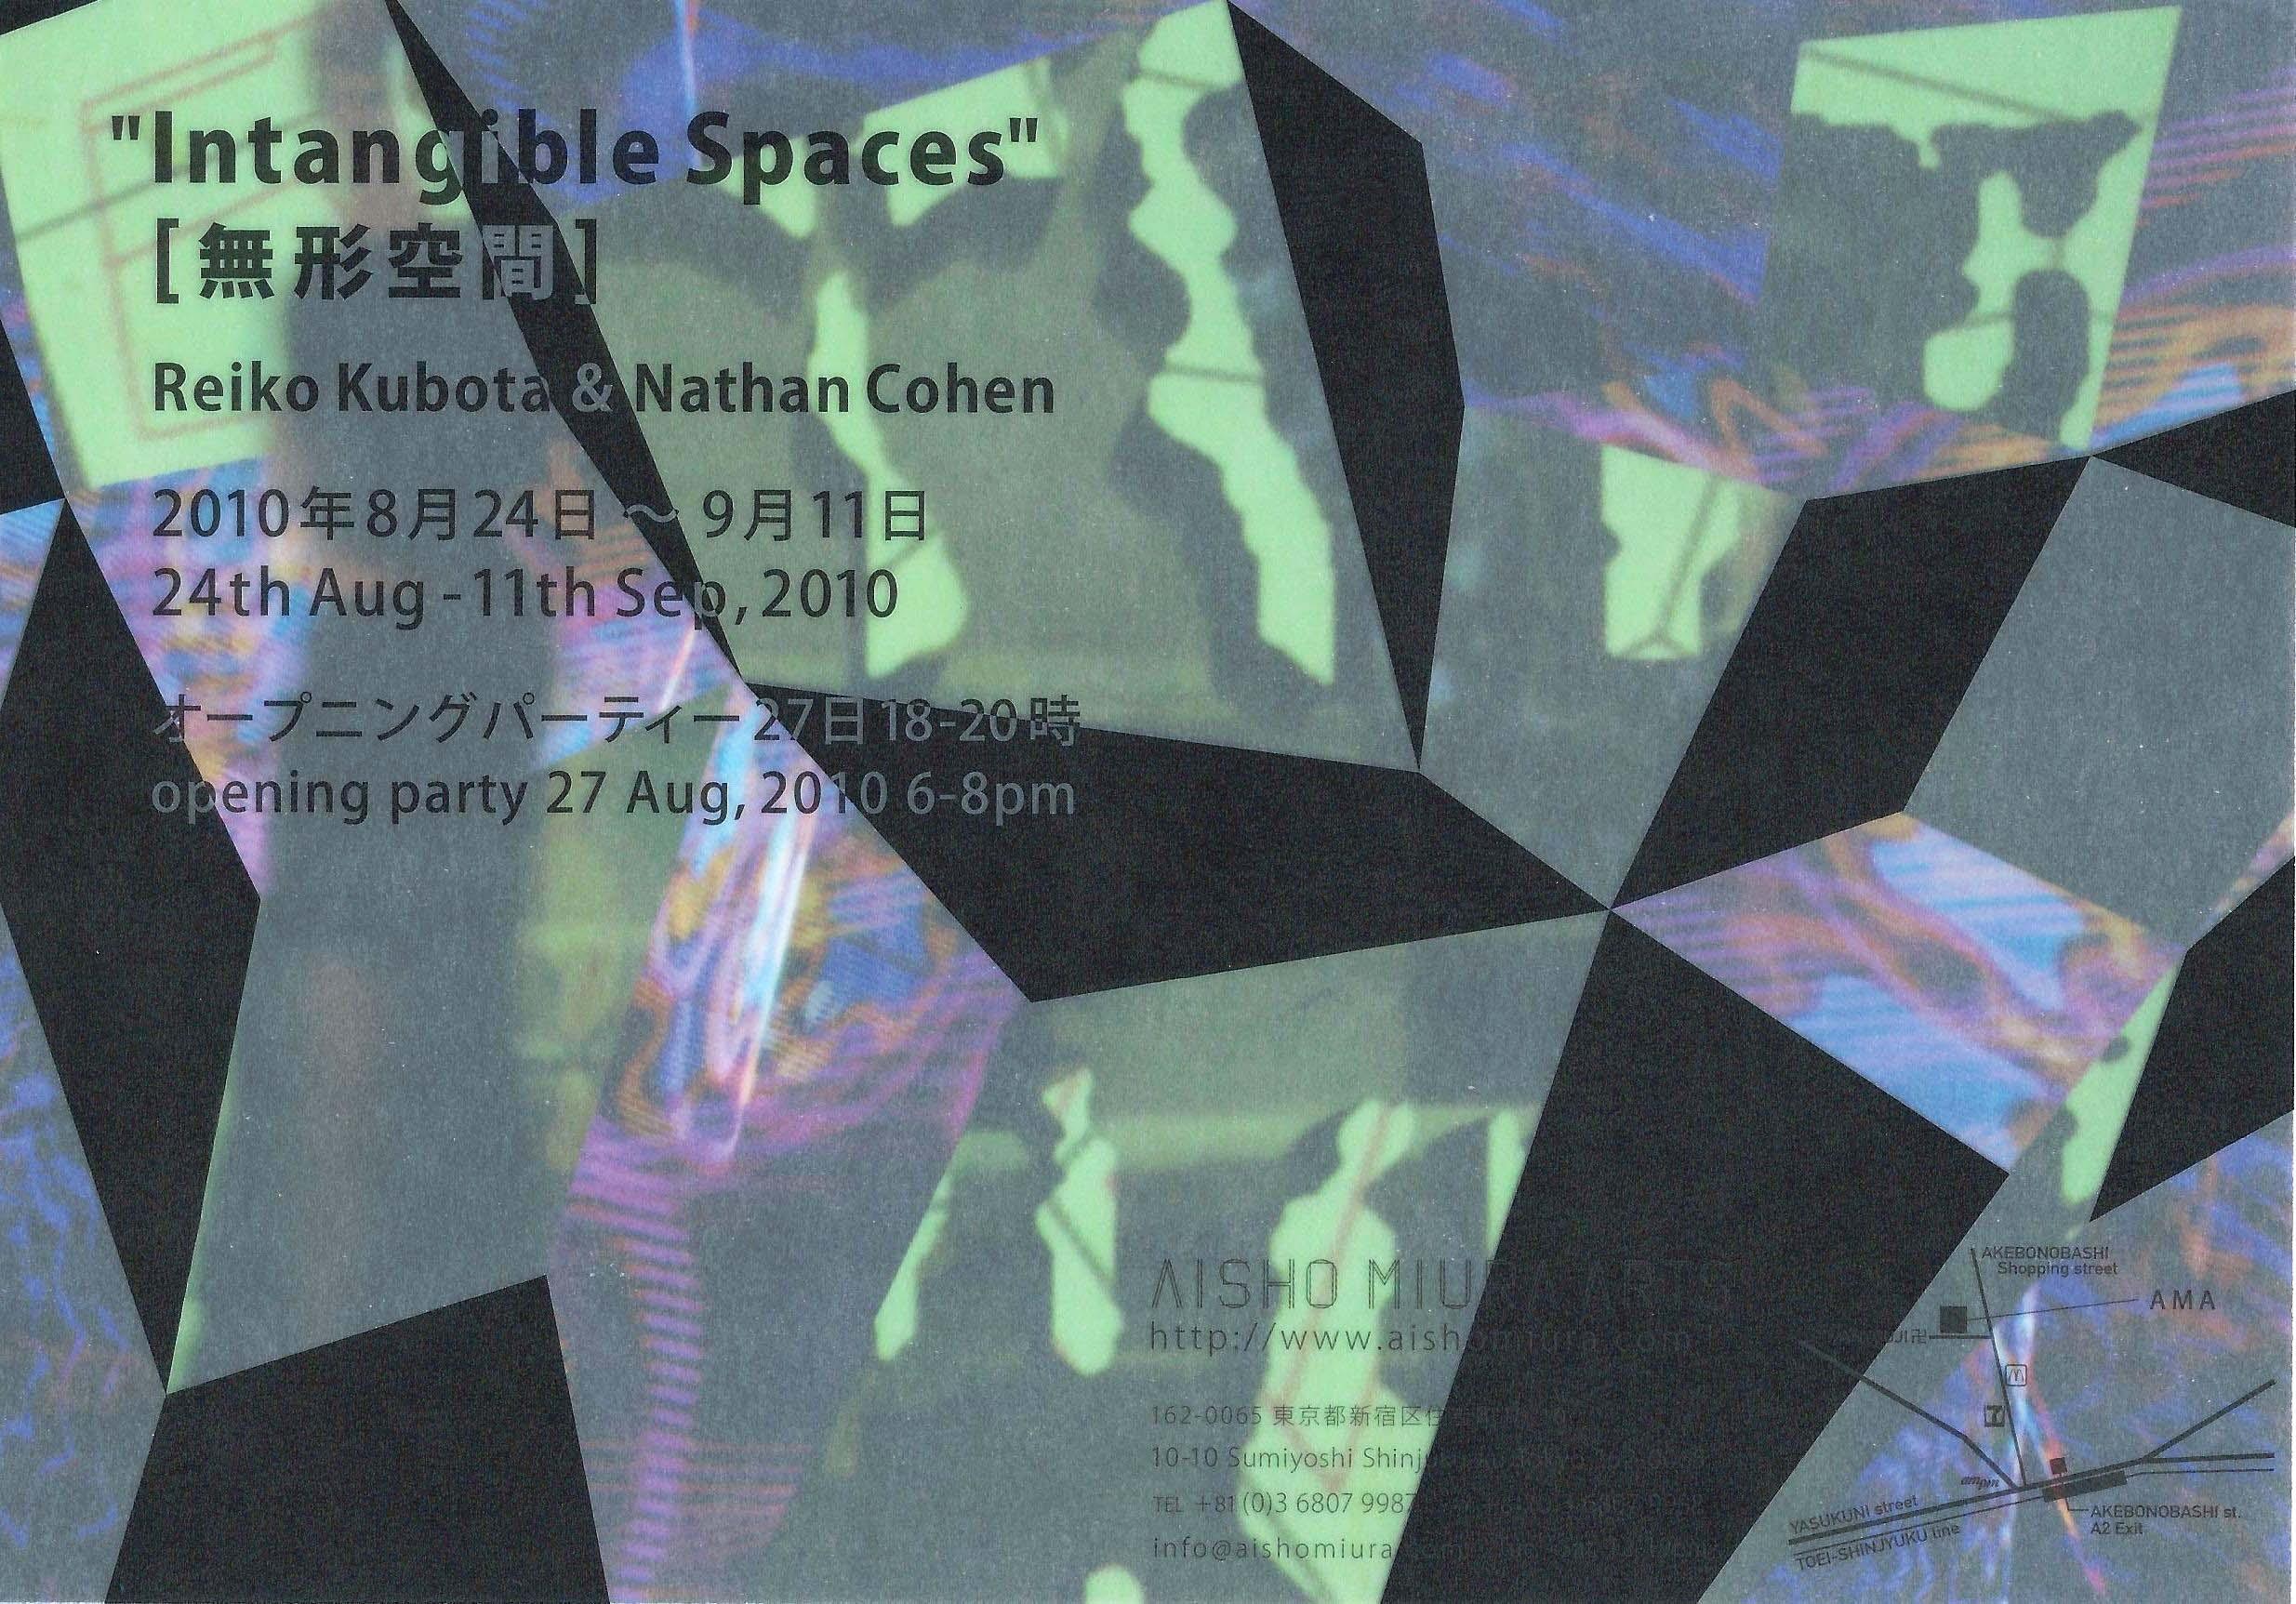 2010 'Intangible Spaces'   Aisho Miura Arts, Tokyo, JAPAN